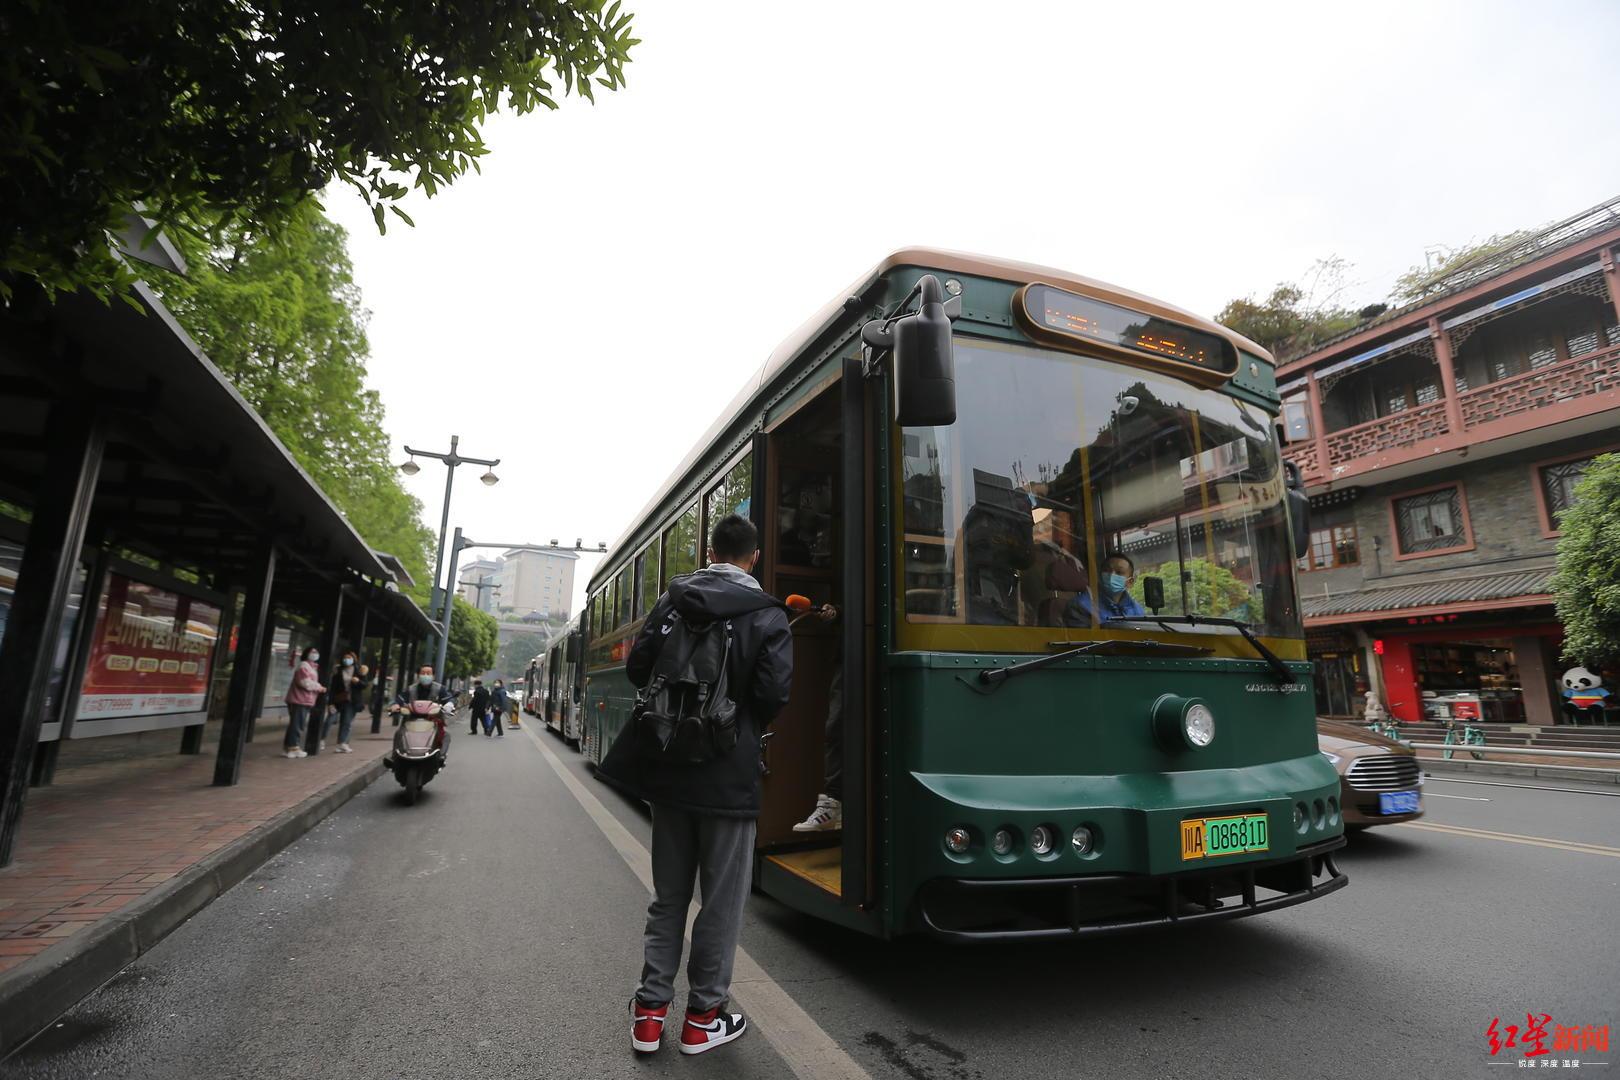 四川A级景区两天接待202.58万人次,游客热衷山岳游图片